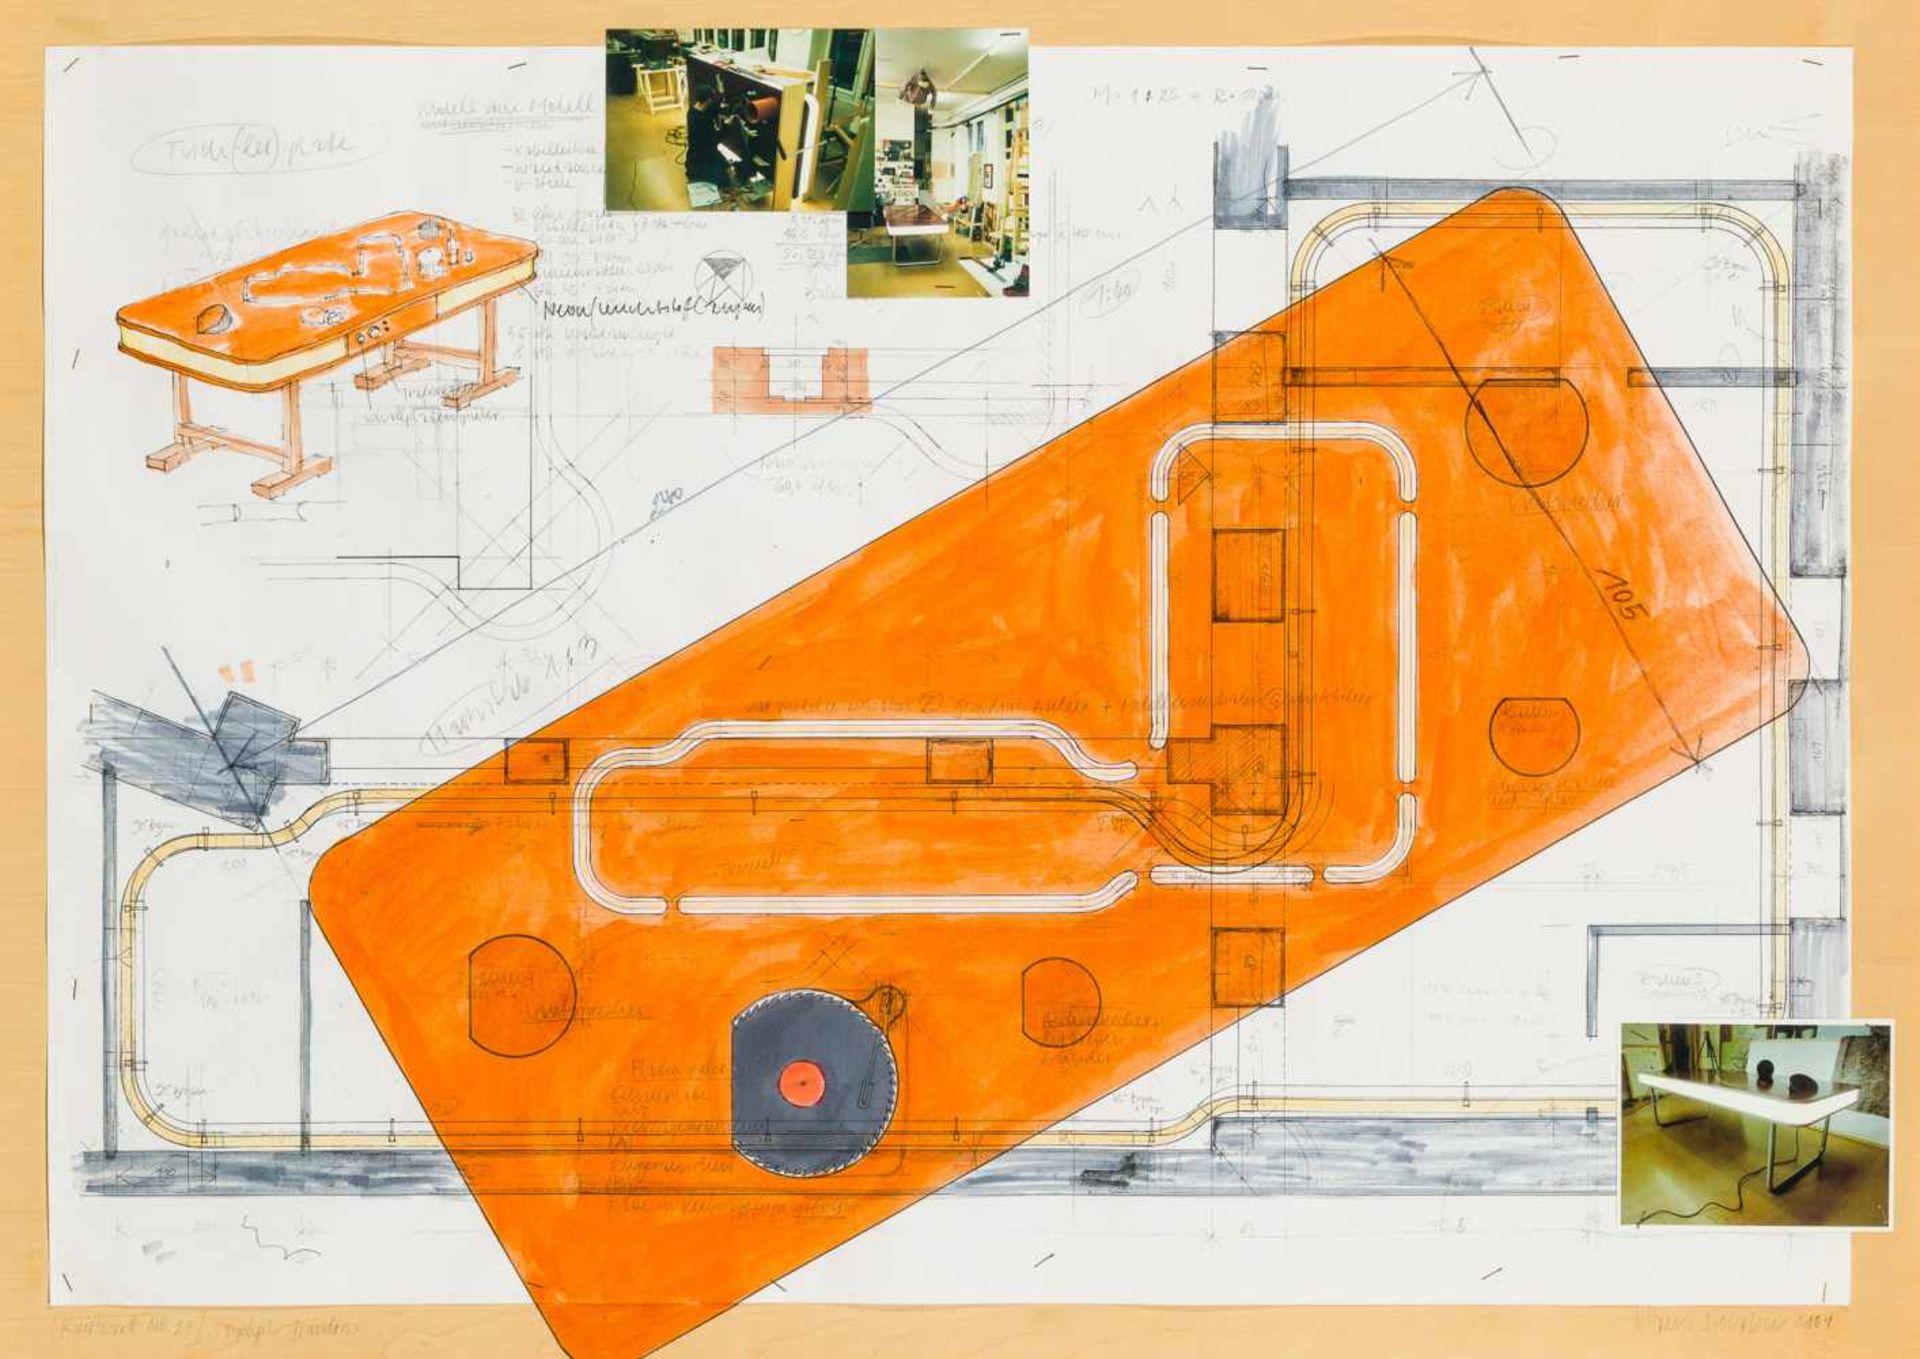 Los 28 - Hans Schabus * Watschig 1970 geb. Reißbrett Nr. 27 (Tischlerpl. - Grundriss) Mischtechnik, Collage